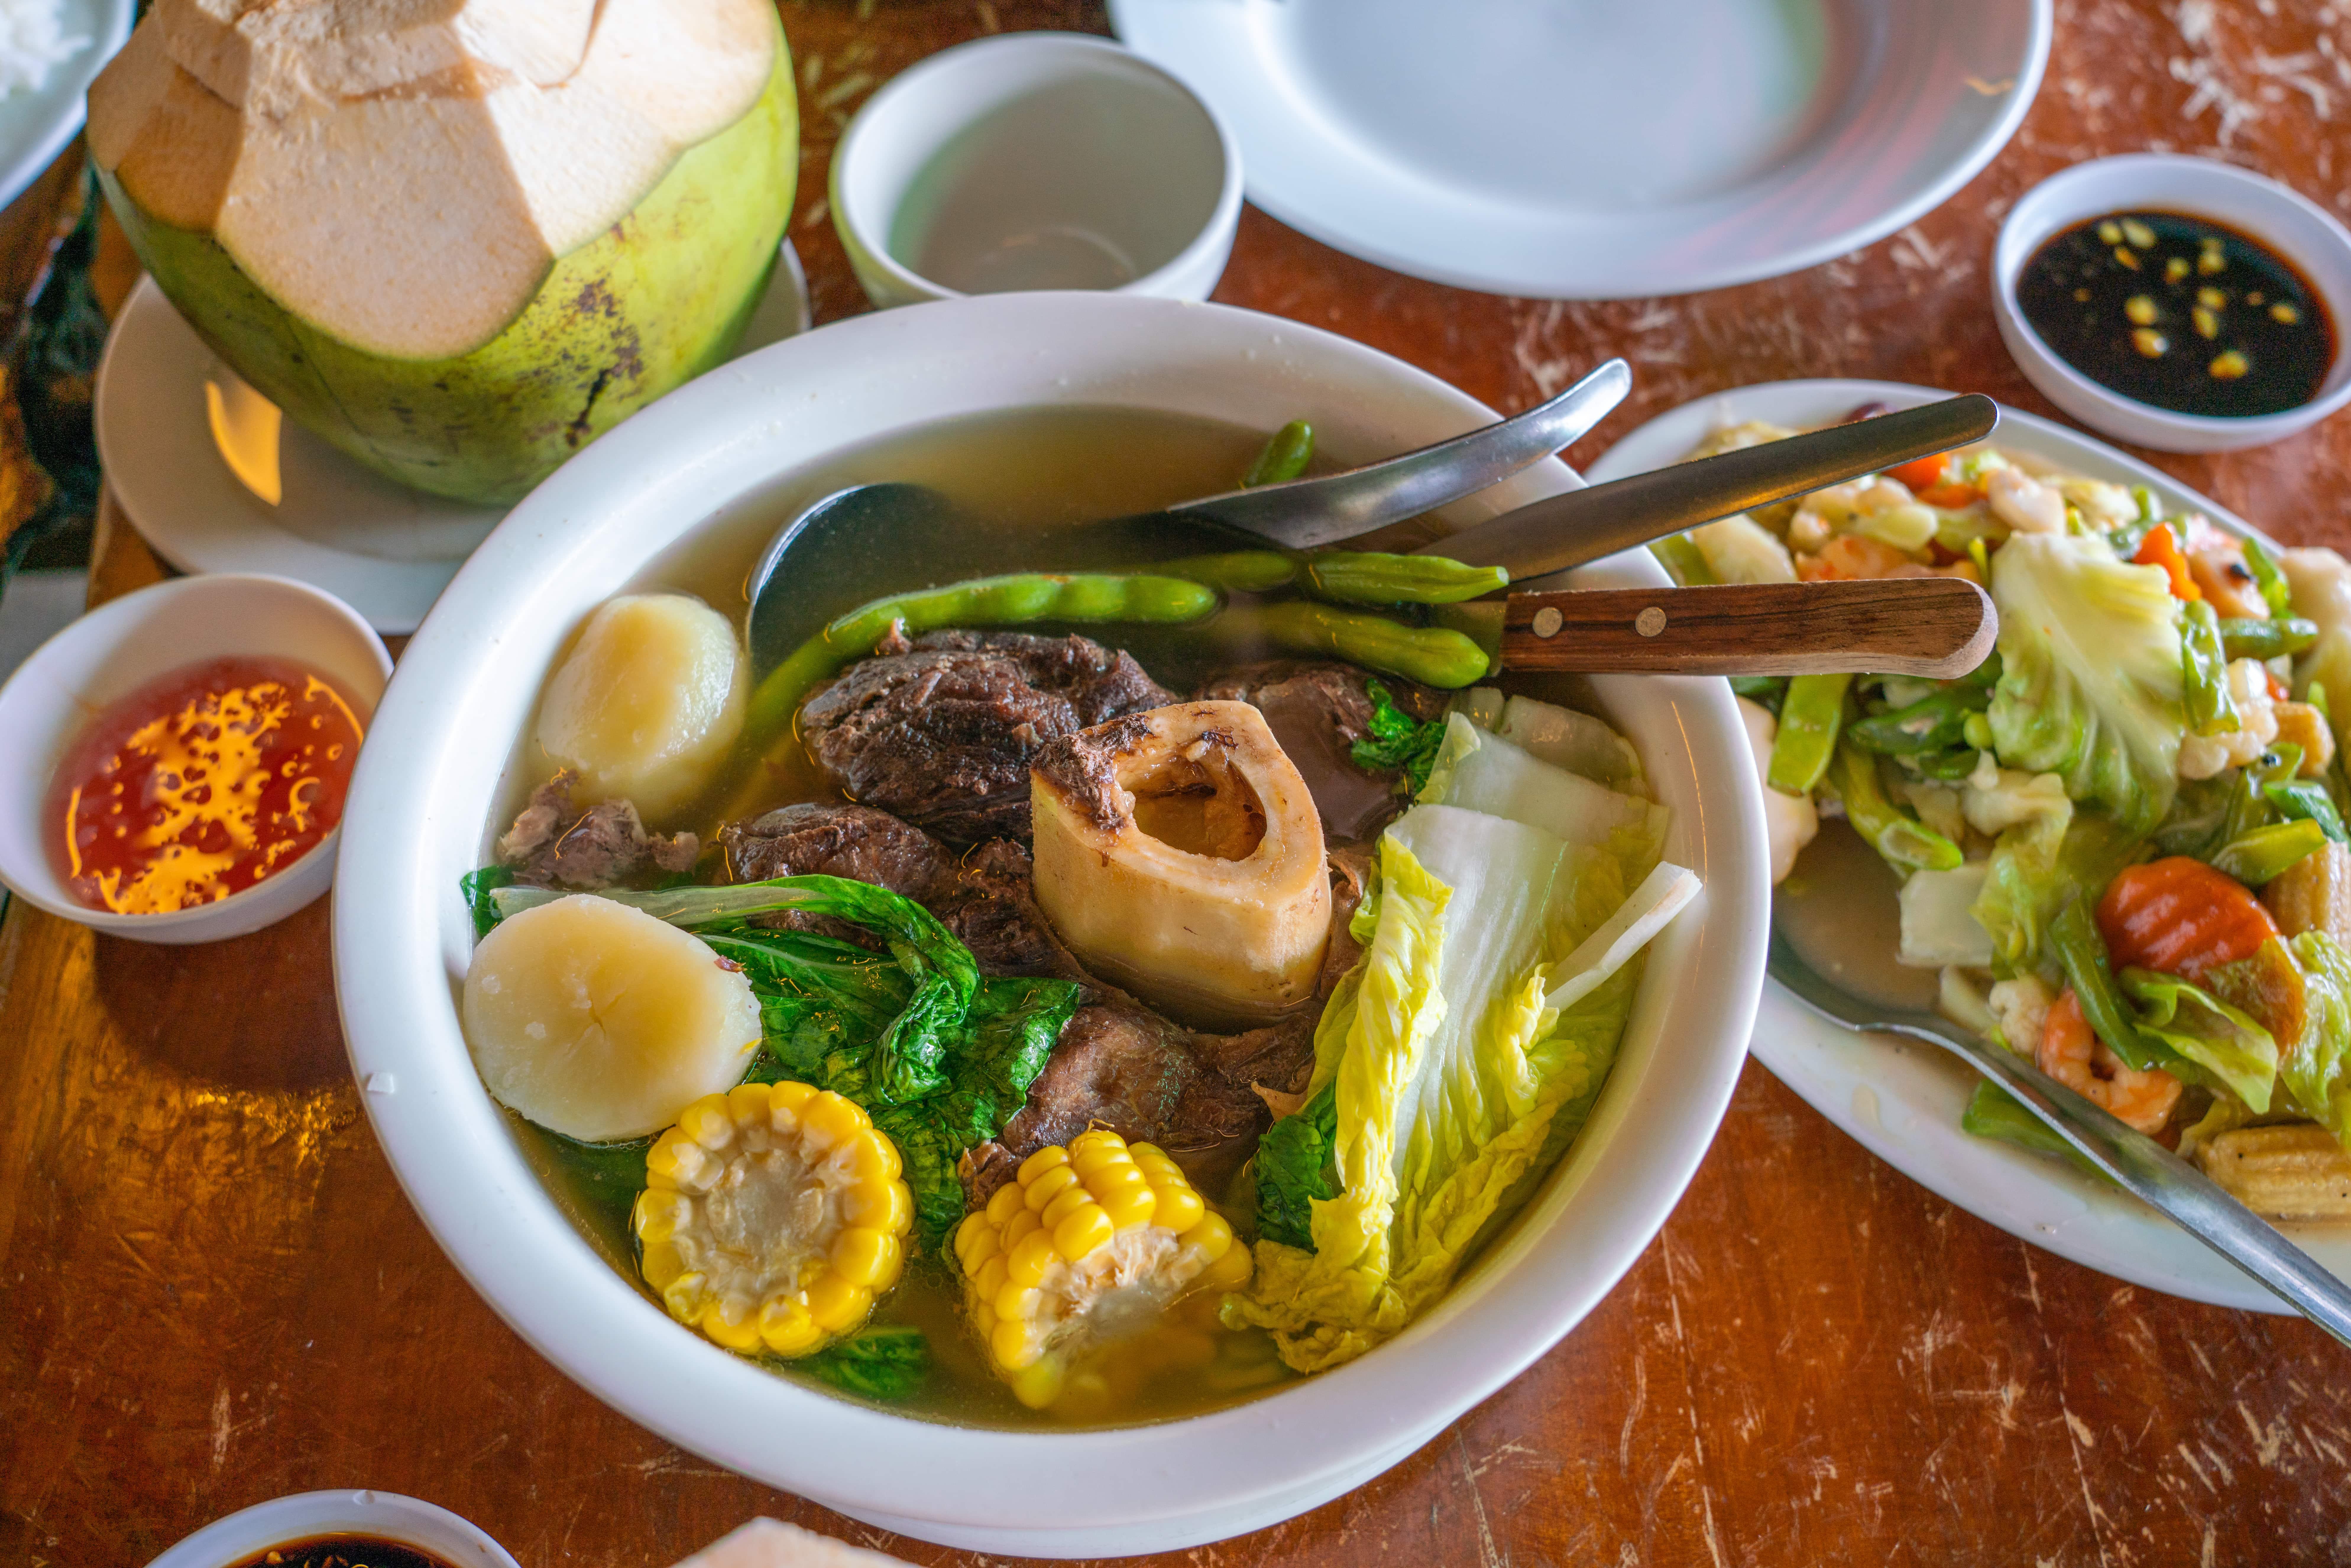 Have a bulalo lunch at Tagaytay